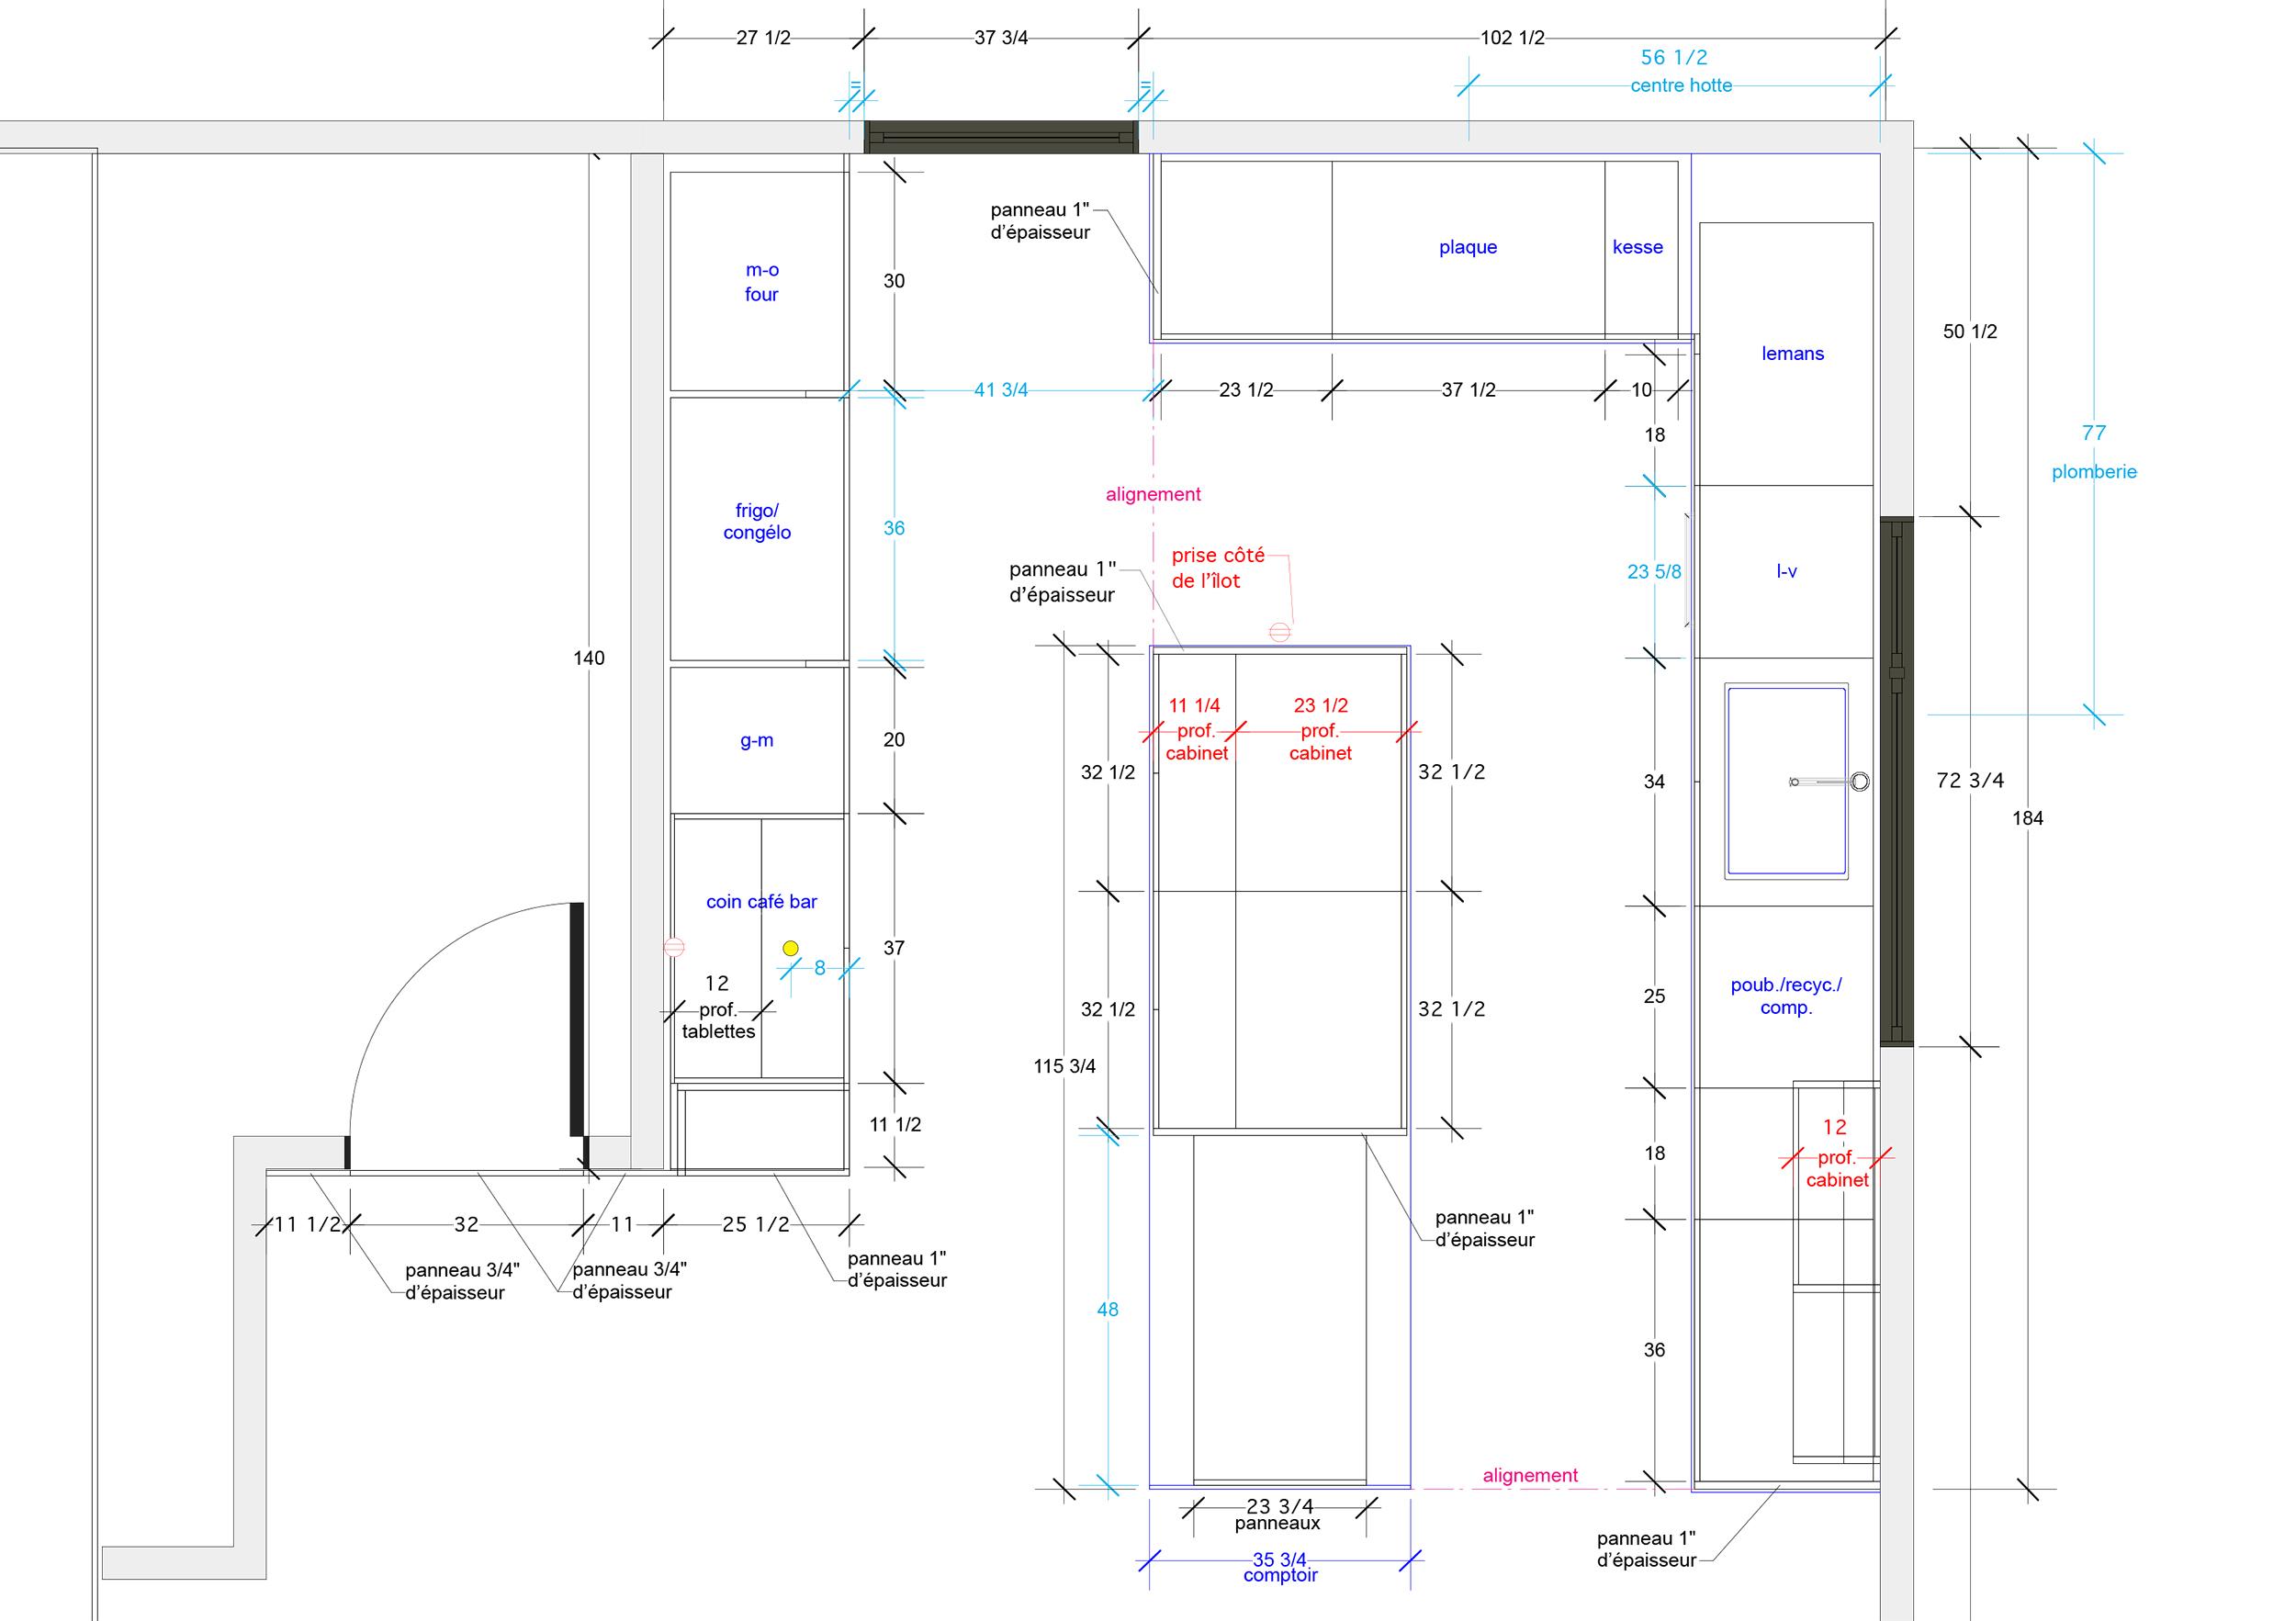 - Cette cuisine rythmée par ses contrastes est le fruit d'une rénovation majeure incluant l'agrandissement de la maison existante. À la fois chaleureux et masculin, l'espace est magnifié par un escalier central tout en transparence.Matériaux : laque de polyuréthane gris pâle et gris anthracite avec 20 % de lustre, placage de noyer noir - effet planche, comptoir en quartz, en Laminam à l'îlot et en acier inox brut dans le coin café-bar.